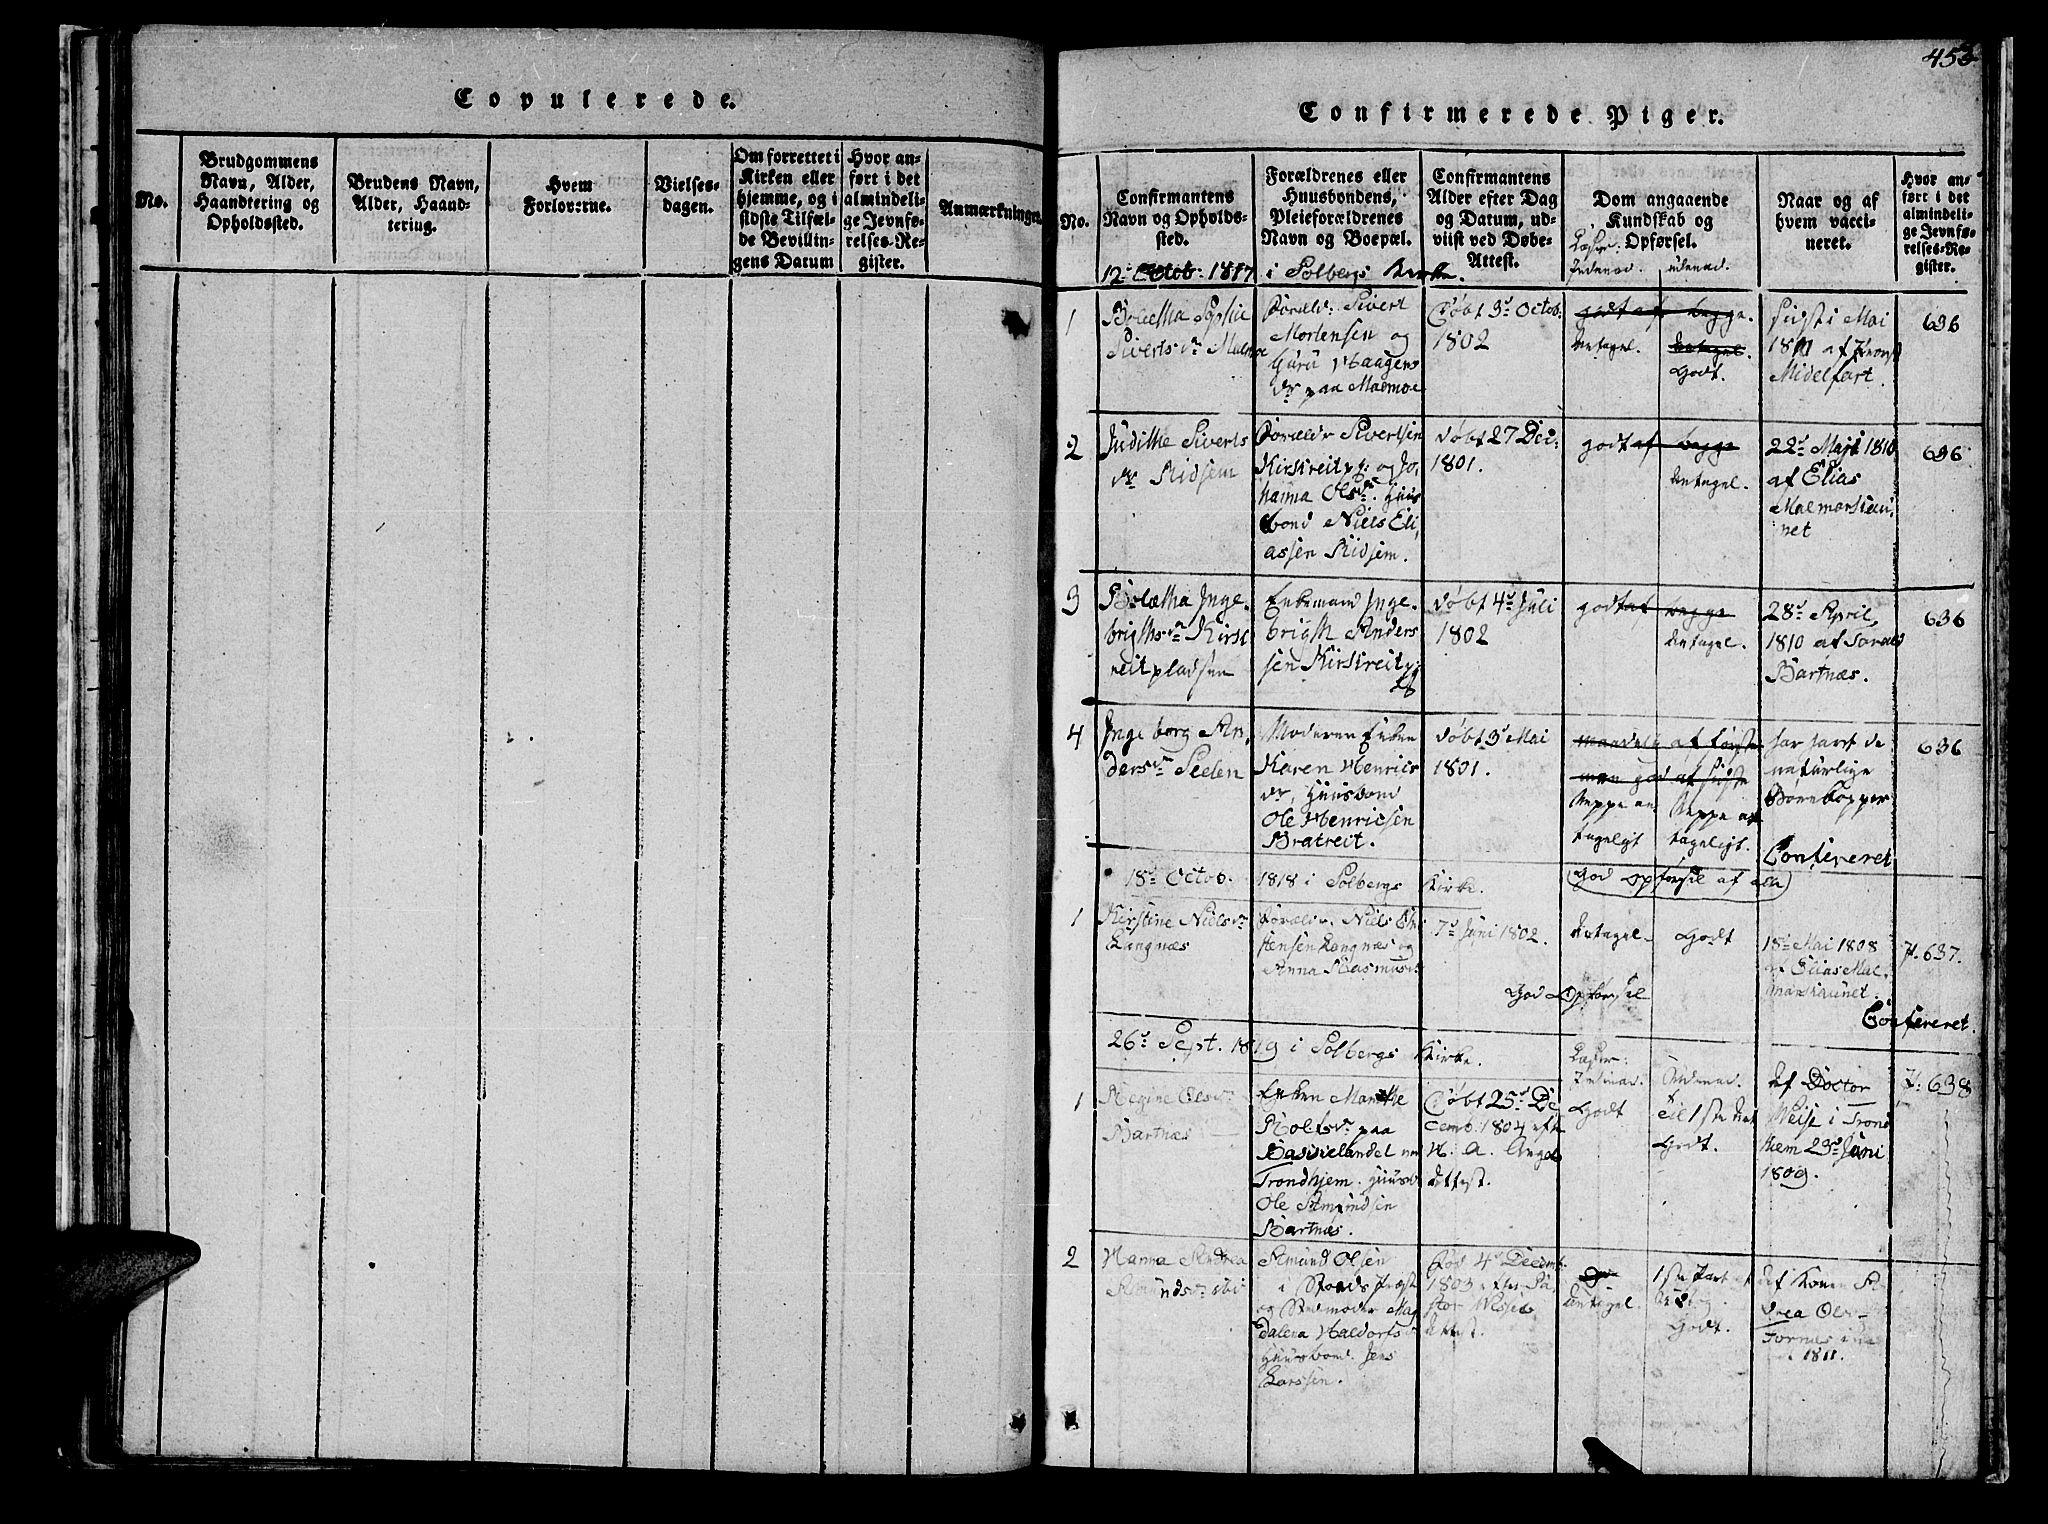 SAT, Ministerialprotokoller, klokkerbøker og fødselsregistre - Nord-Trøndelag, 745/L0433: Klokkerbok nr. 745C02, 1817-1825, s. 454-455